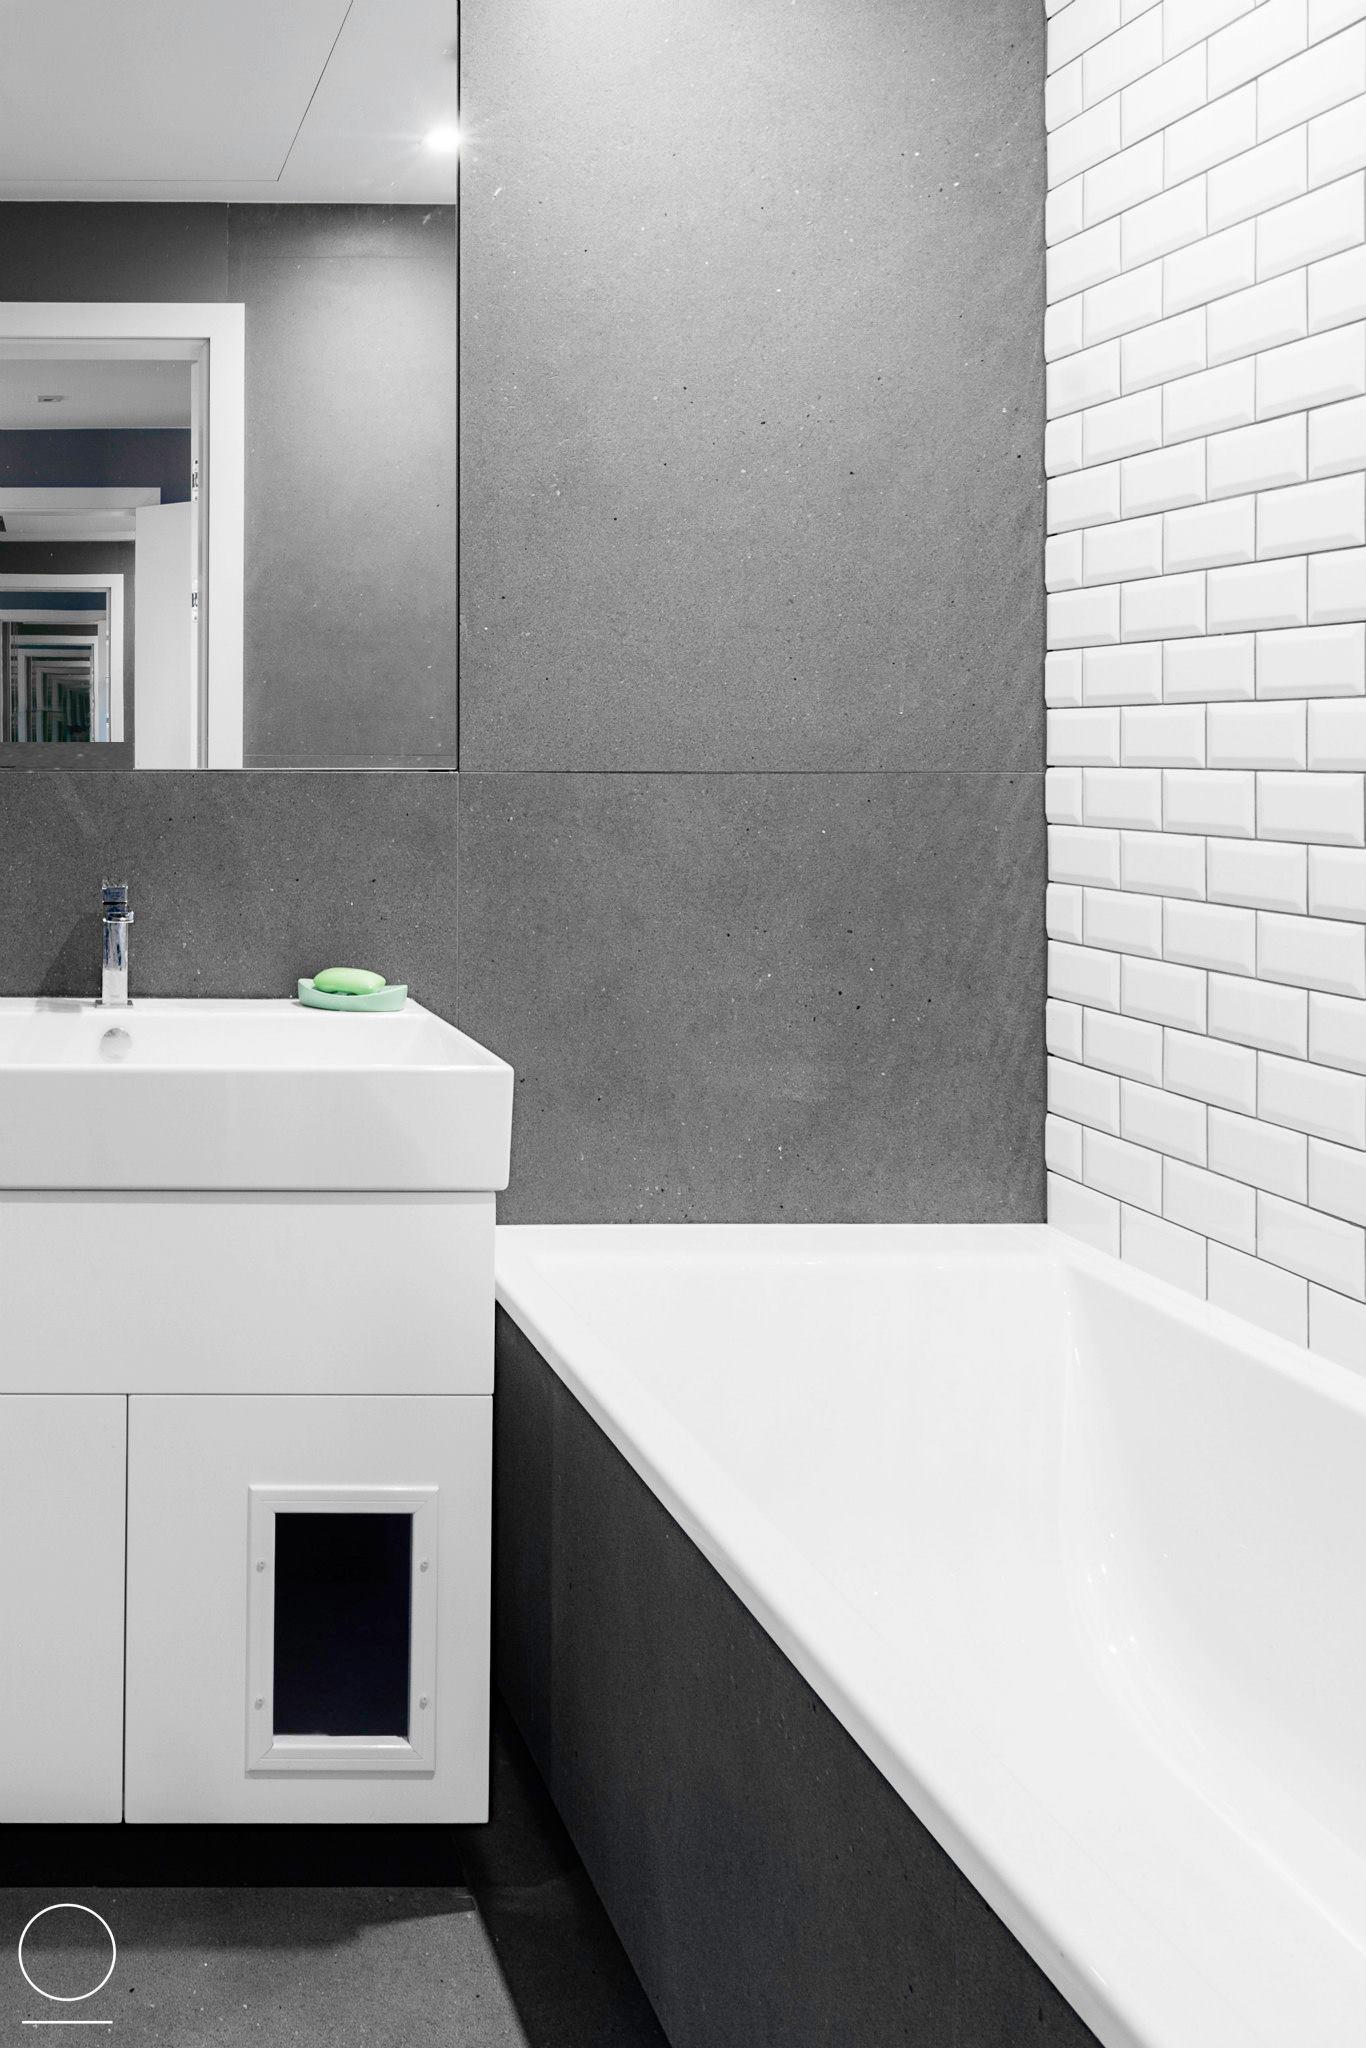 oikoi modern apartment4 Pokorna Apartments by Oikoi Studio